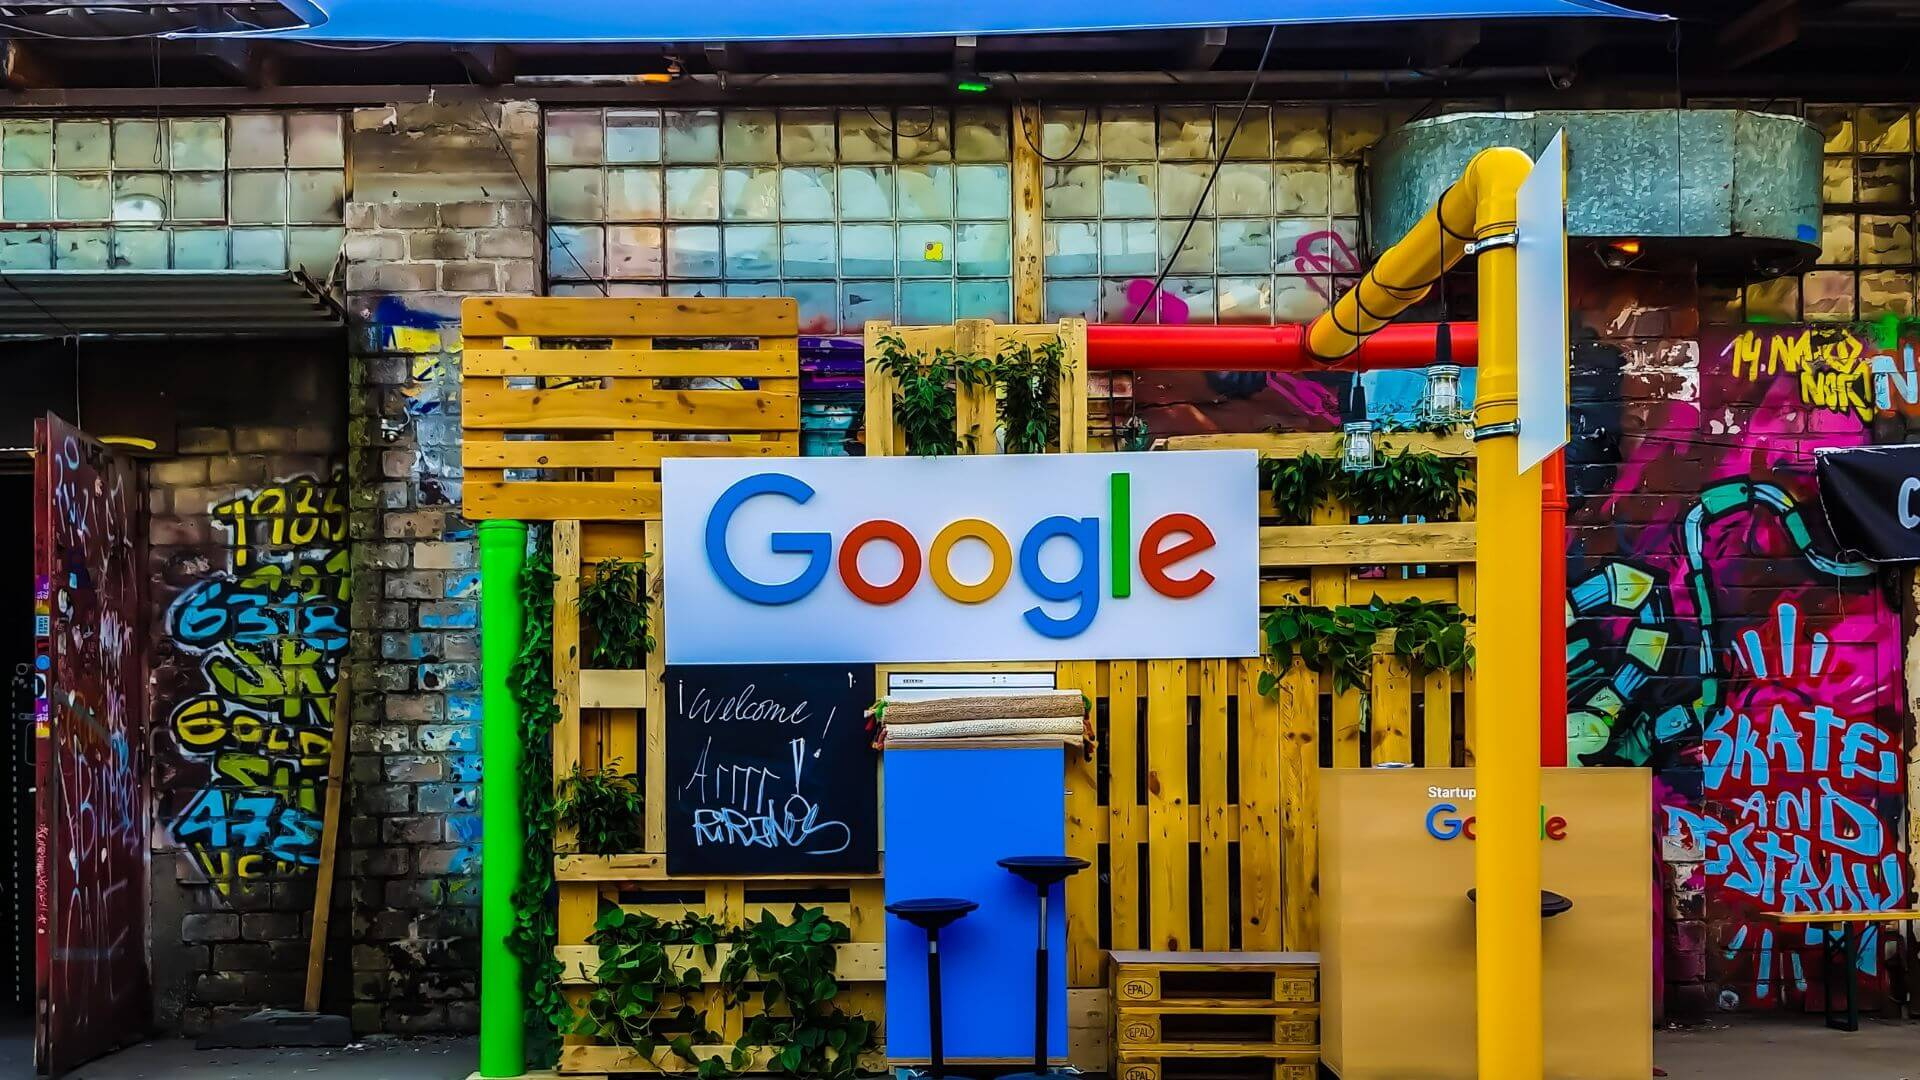 imagem placa do google na rua colorida